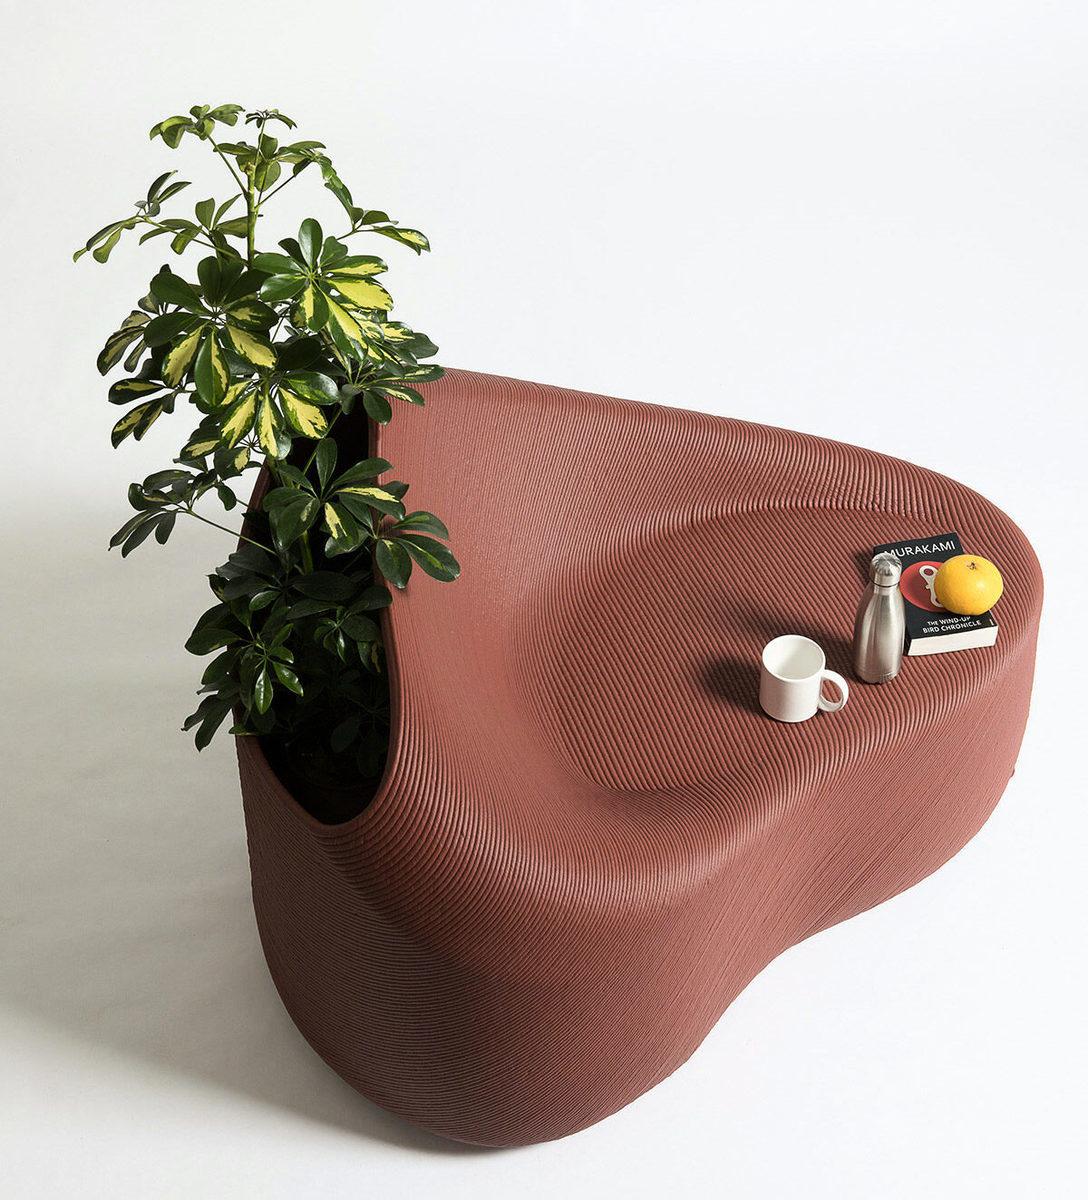 荷蘭的研究與設計工作室The New Raw可以將市民使用過的塑料垃圾,通過3D打印技術「升級」為時尚的城市傢俬。(Stefanos Tsakiris/The New Raw提供)